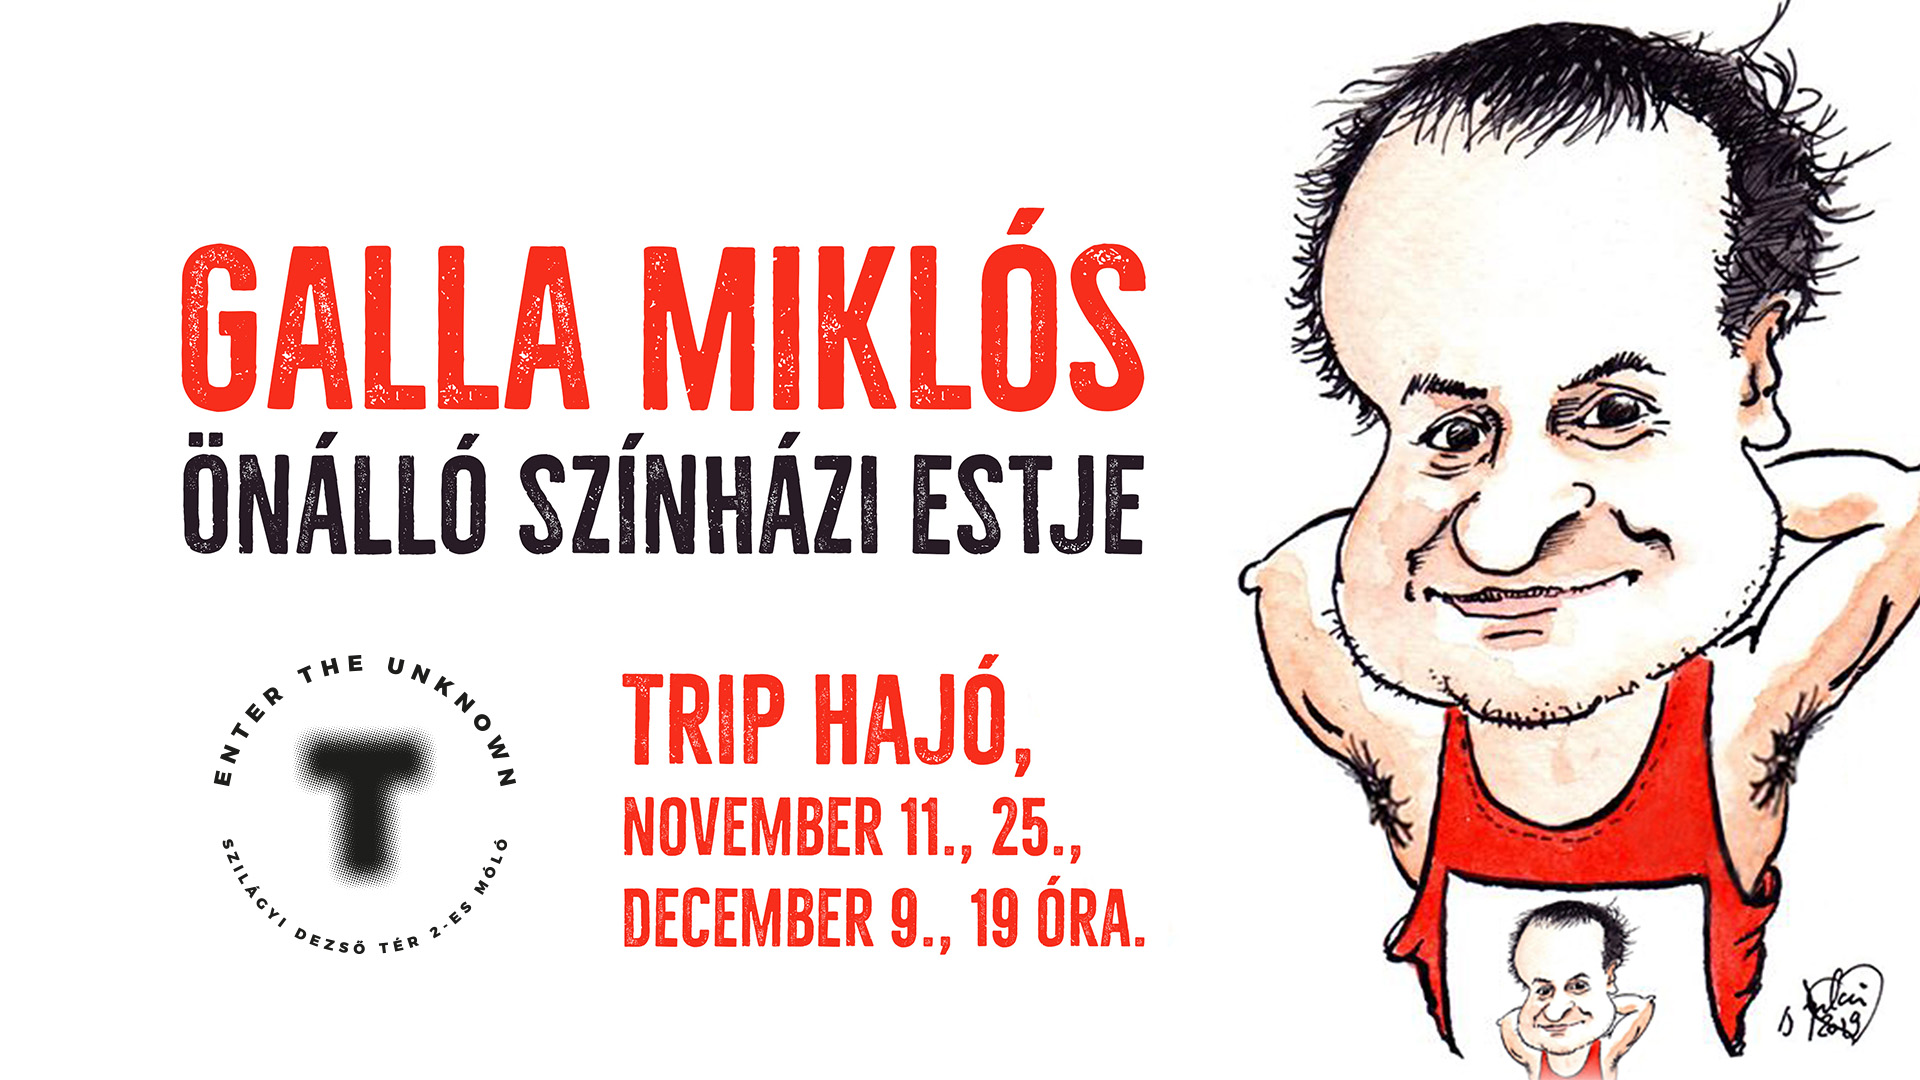 Galla Miklós Önálló Színházi Estje